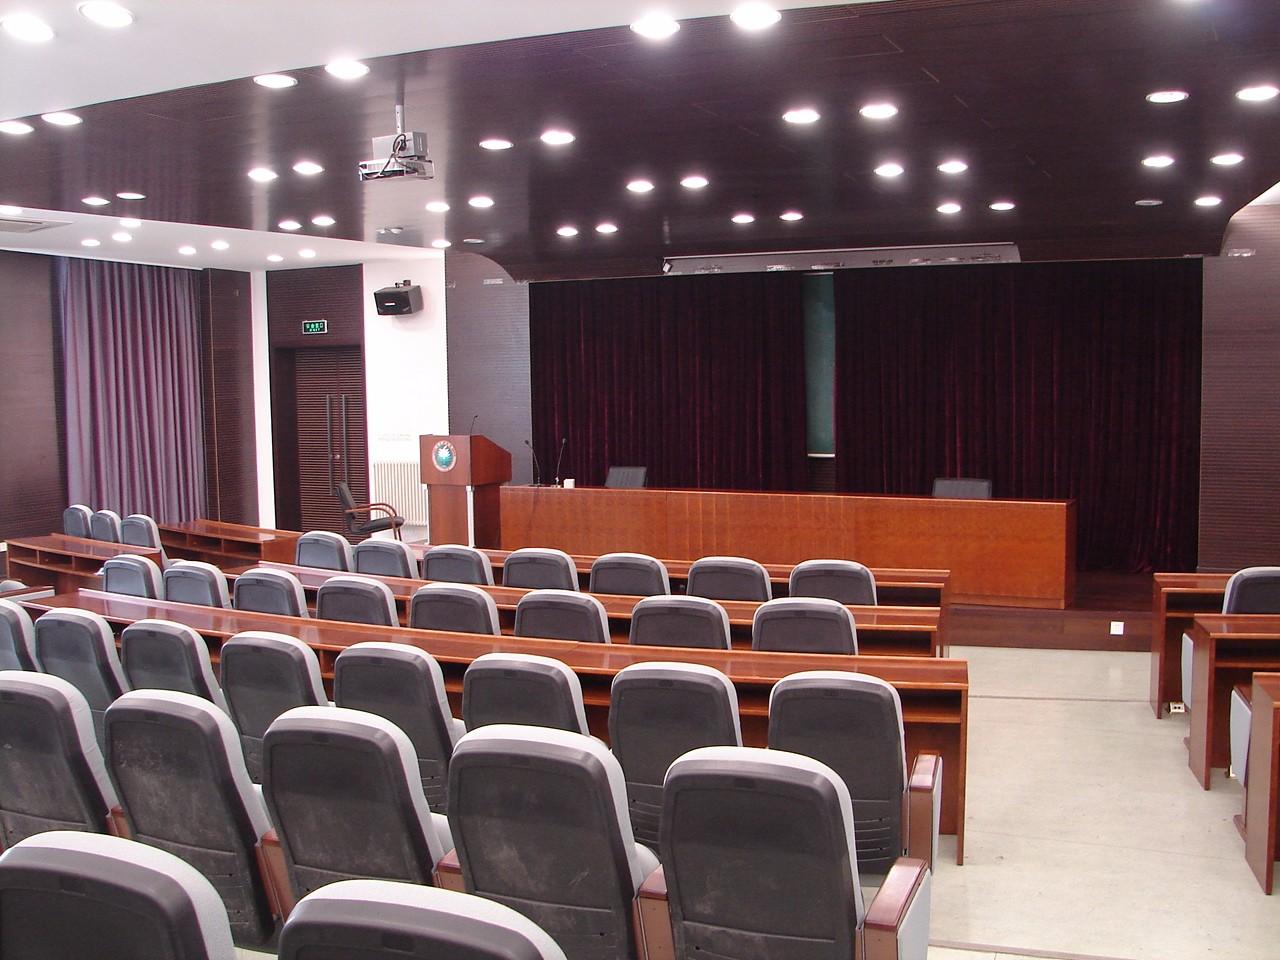 北京理工大学教室